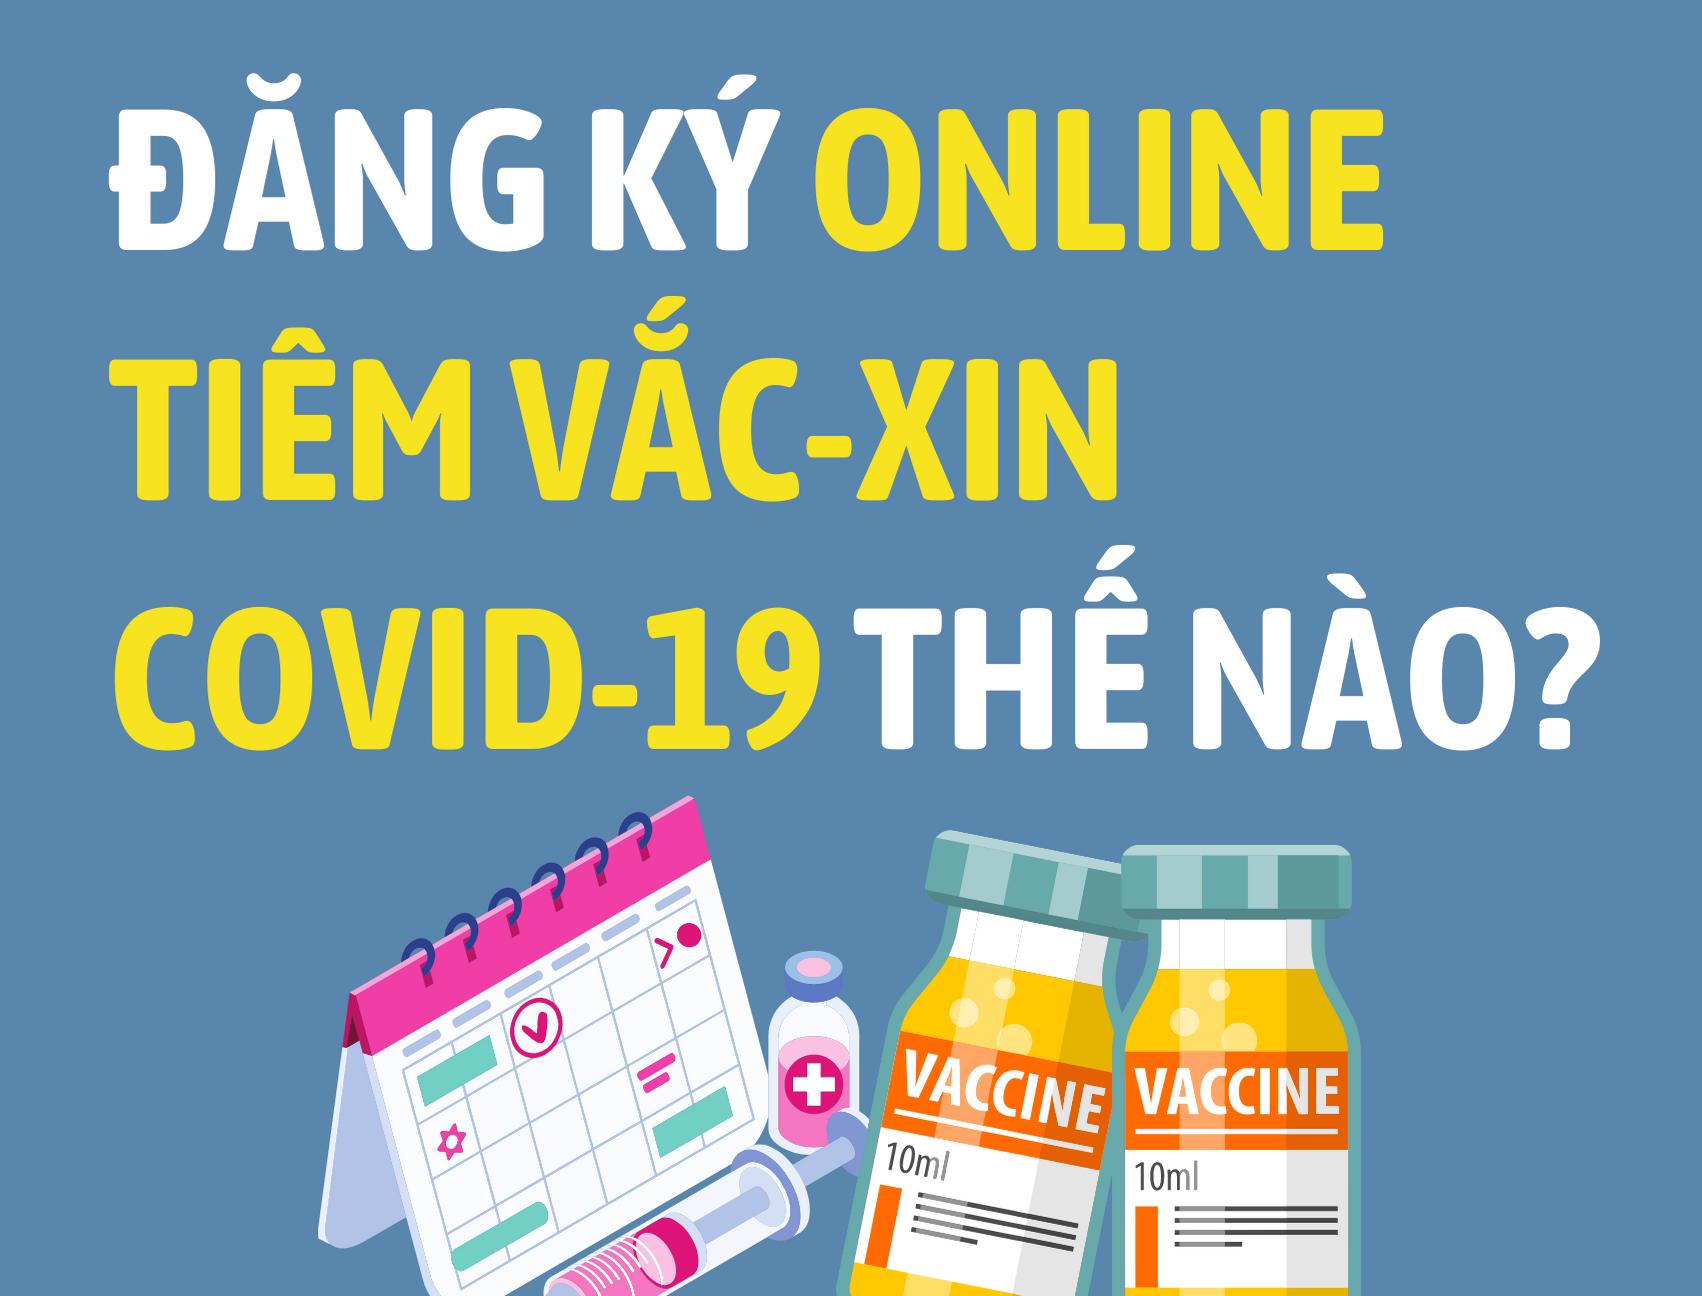 [Infographic] Đăng ký online tiêm vắc xin Covid-19 như thế nào?